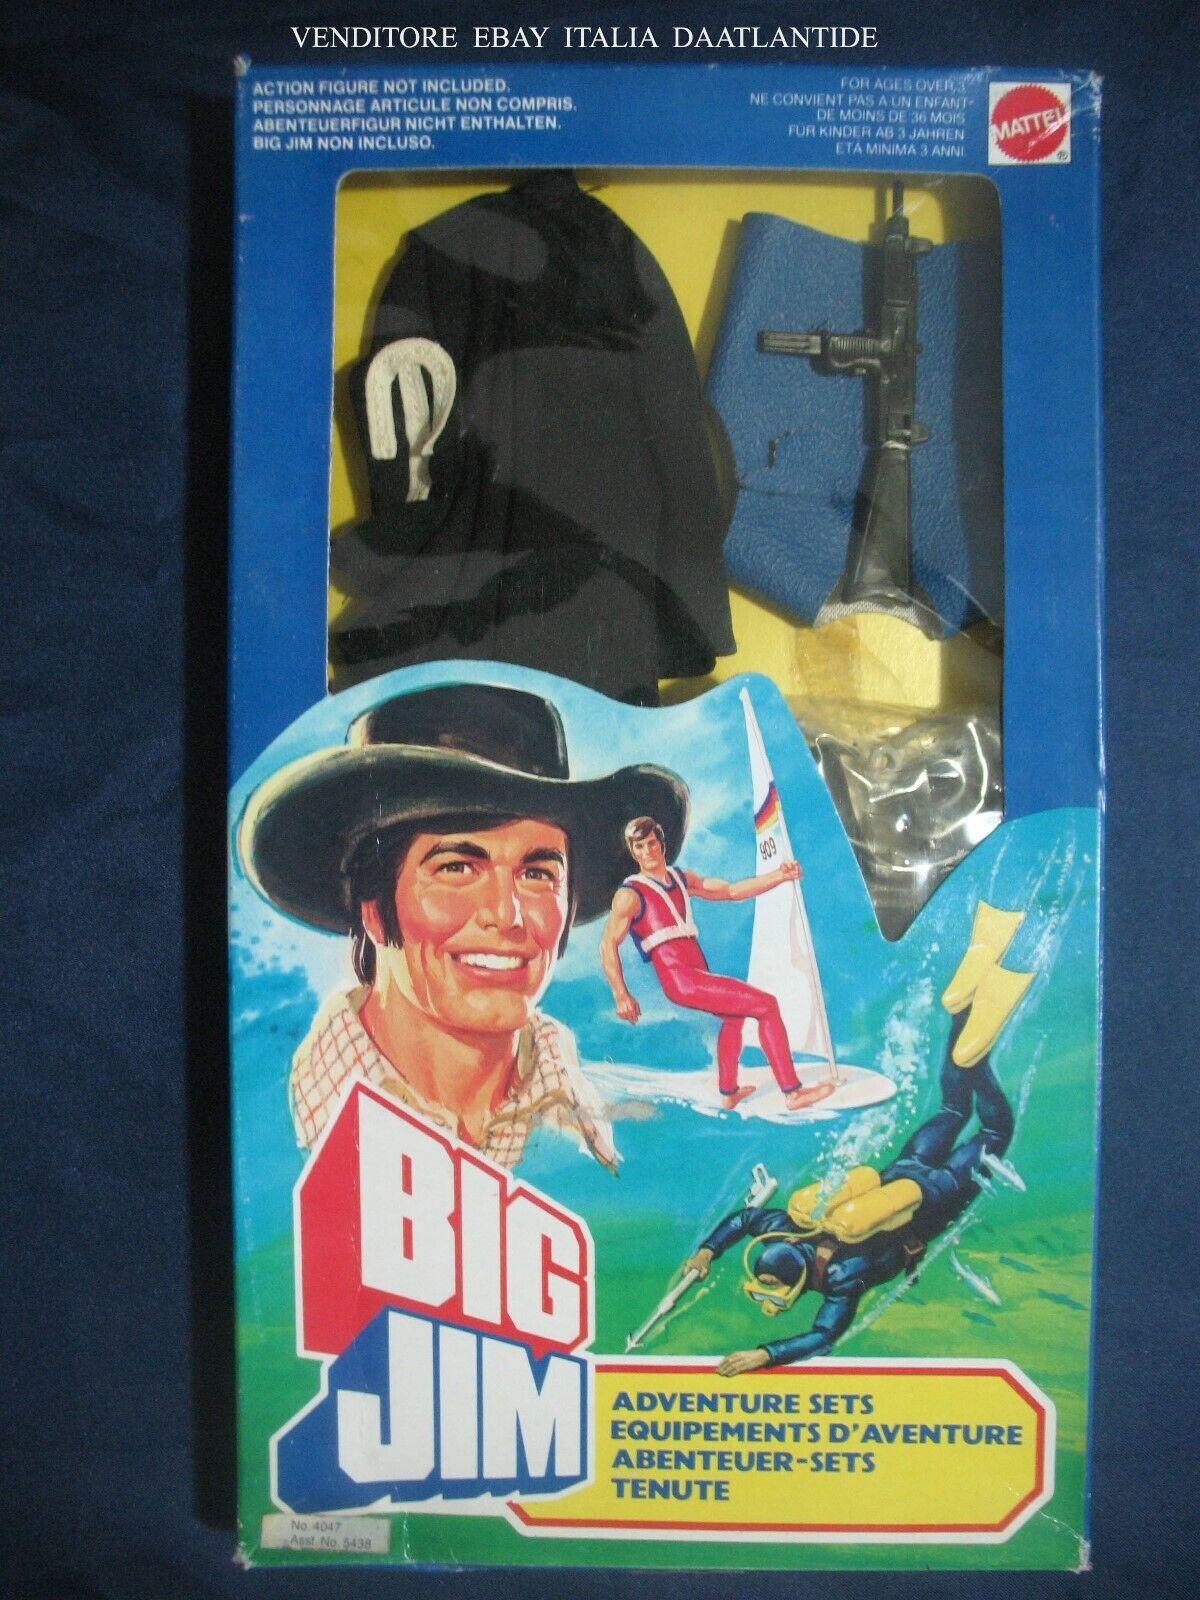 Big Jim 4047  Anti - terrorism 1982